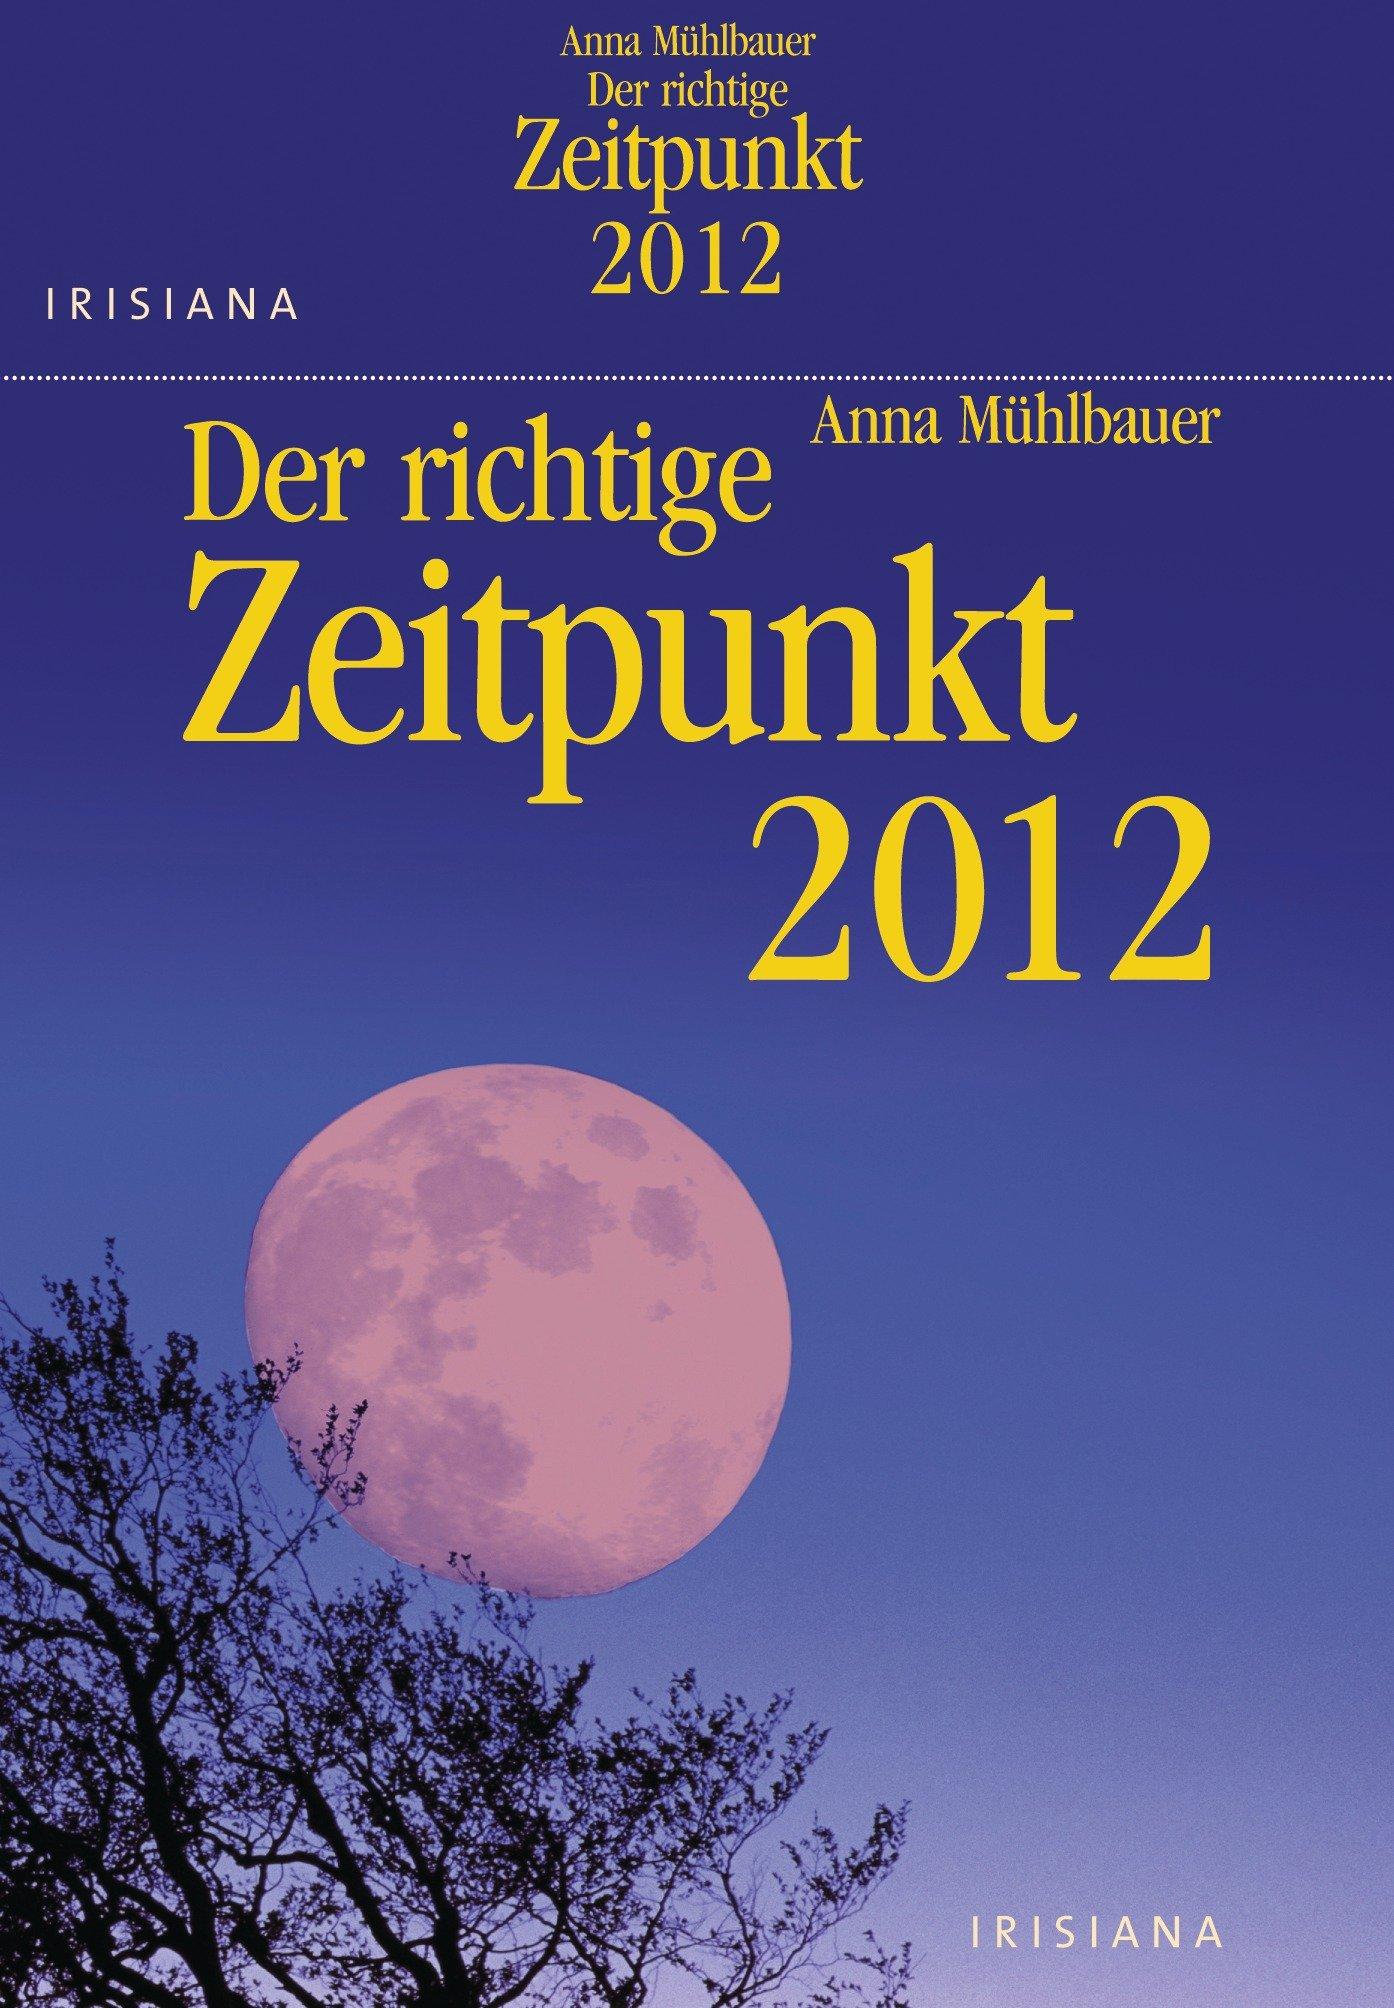 Der richtige Zeitpunkt 2012 (AK)